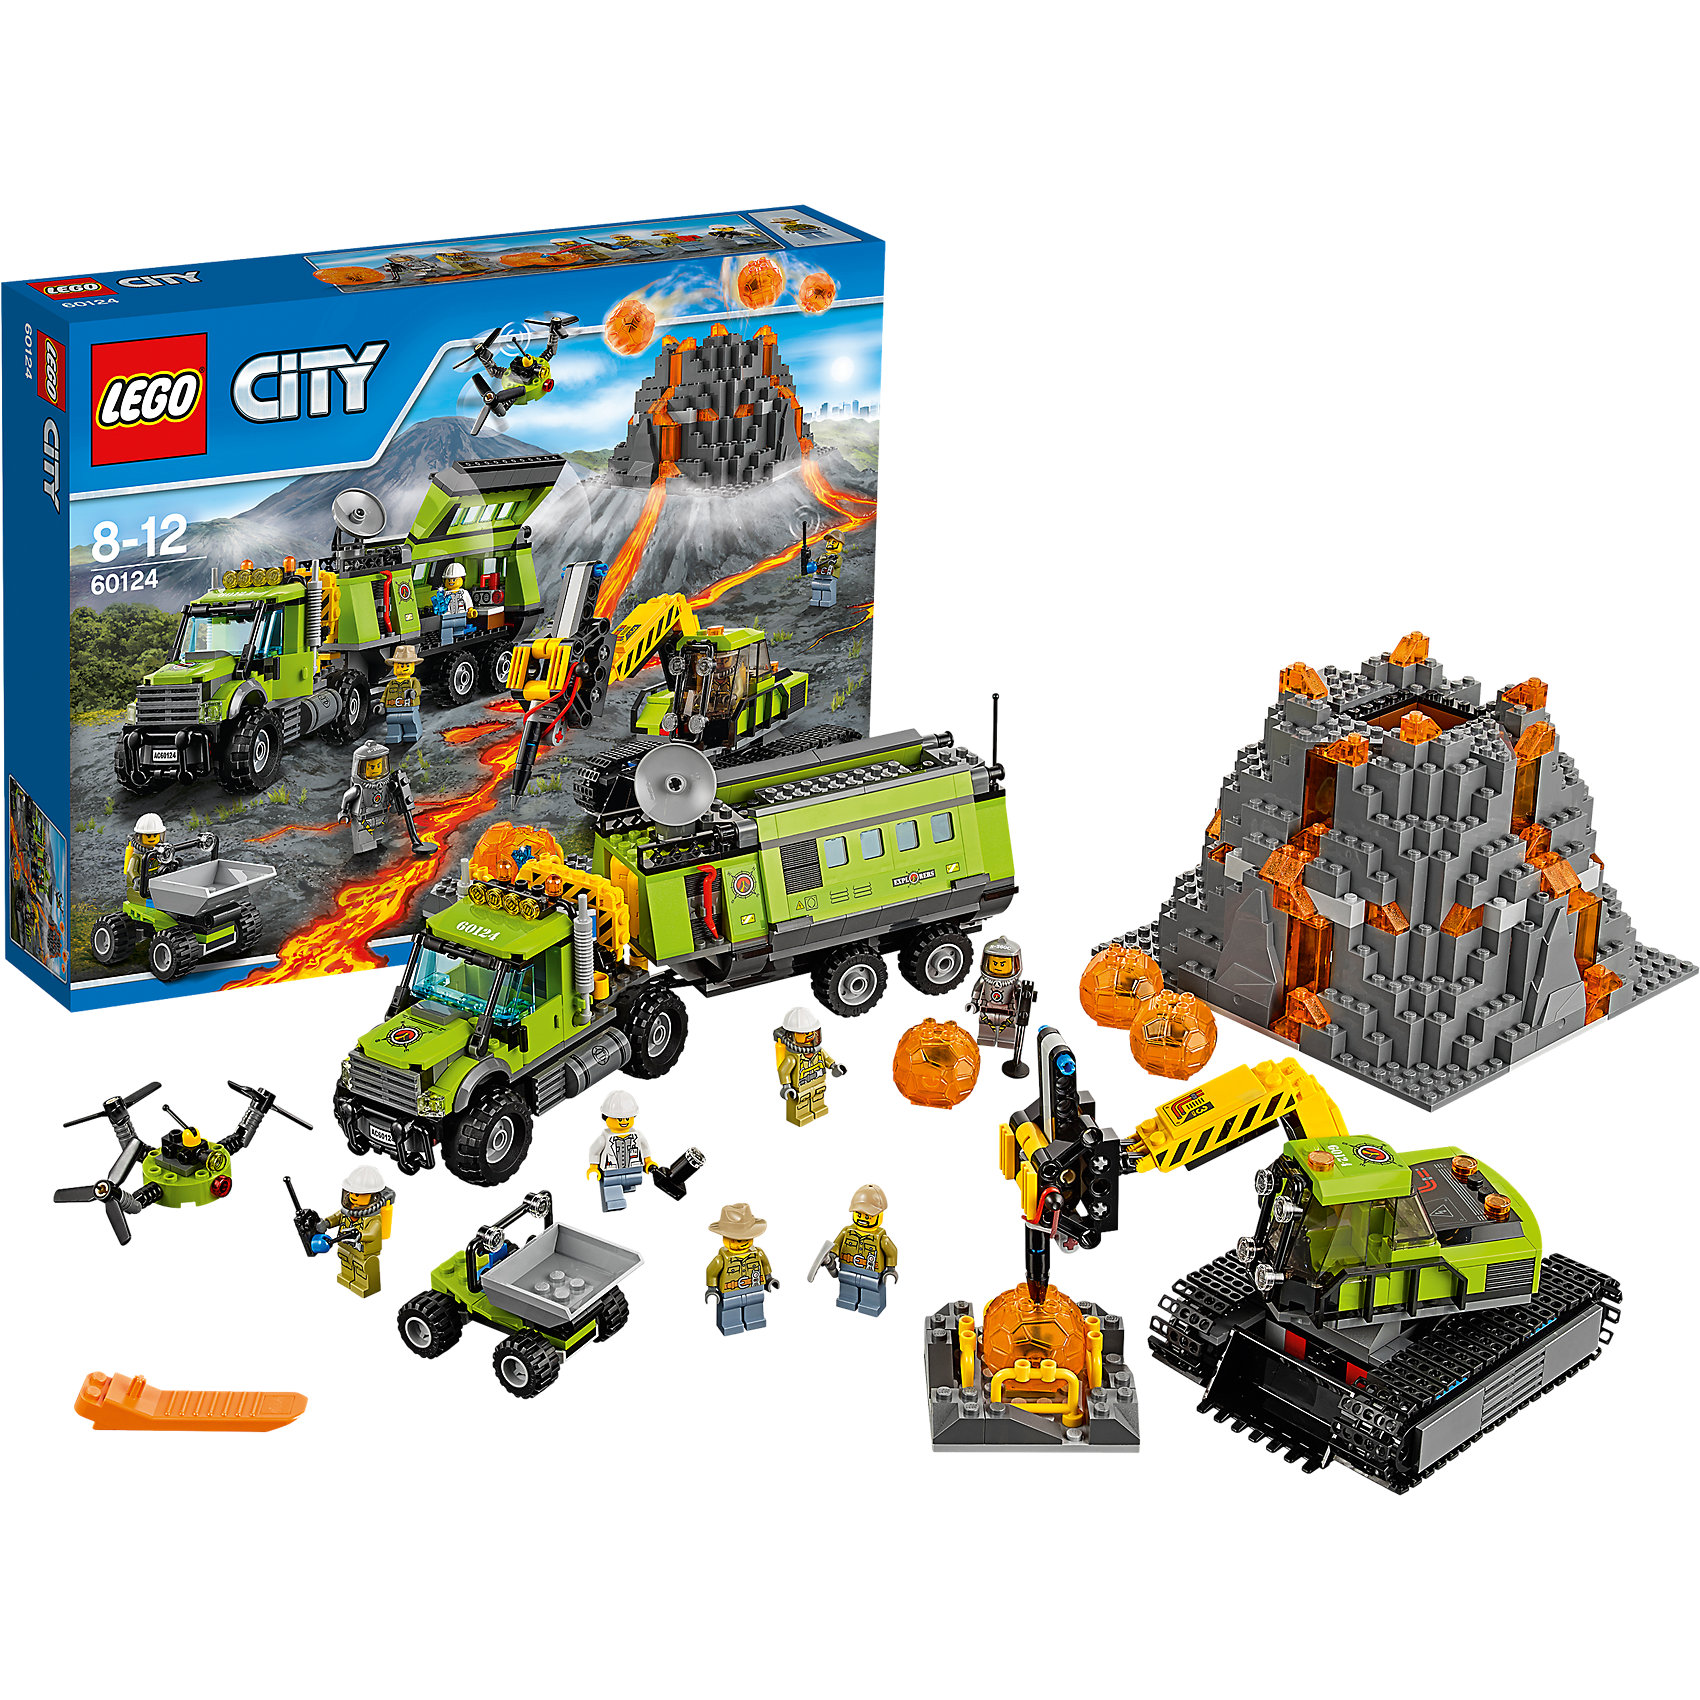 LEGO City 60124: База исследователей вулкановПострой собственную исследовательскую базу у подножия извергающегося вулкана! В этом наборе есть все, чтобы почувствовать себя настоящим вулканологом. Прекрасно оснащенный грузовик с прицепом - лабораторией доставит тебя к месту исследований. Находи и поднимай камни с помощью экскаватора, разбивай их и добывай удивительные кристаллы. Вулкан извергает из жерла камни-бомбочки с кристаллами. Для активизации этой функции необходимо нажать на специальный рычаг, расположенный на одном из склонов горы. Запусти в воздух дрон, чтобы заснять и исследовать вулкан с высоты птичьего полета. <br><br>LEGO City (ЛЕГО Сити) - серия детских конструкторов ЛЕГО, с помощью которого ваш ребенок может погрузиться в мир мегаполиса. Эта серия поможет ребенку понять, как устроена жизнь города, какие функции выполняют те или иные люди и техника. Предлагает на выбор огромное множество профессий, сфер деятельности и ситуаций, связанных с ними.<br><br>Дополнительная информация:<br><br>- Конструкторы ЛЕГО развивают усидчивость, внимание, фантазию и мелкую моторику. <br>- 6 минифигурок исследователей.<br>- Количество деталей: 824. <br>- Комплектация: 6 минифигурок, грузовик с прицепом-фургоном, <br>4 вулканических шара с кристаллами внутри, экскаватор с буром для дробления вулканических шаров, моторизированная тачка-самосвал, дрон, аксессуары.<br>- Серия ЛЕГО Сити (LEGO City).<br>- Материал: пластик.<br>- Размер упаковки: 48х10х38 см.<br>- Вес: 1.92 кг.<br><br>Конструктор LEGO City 60124: База исследователей вулканов можно купить в нашем магазине.<br><br>Ширина мм: 483<br>Глубина мм: 375<br>Высота мм: 104<br>Вес г: 1825<br>Возраст от месяцев: 96<br>Возраст до месяцев: 144<br>Пол: Мужской<br>Возраст: Детский<br>SKU: 4641229